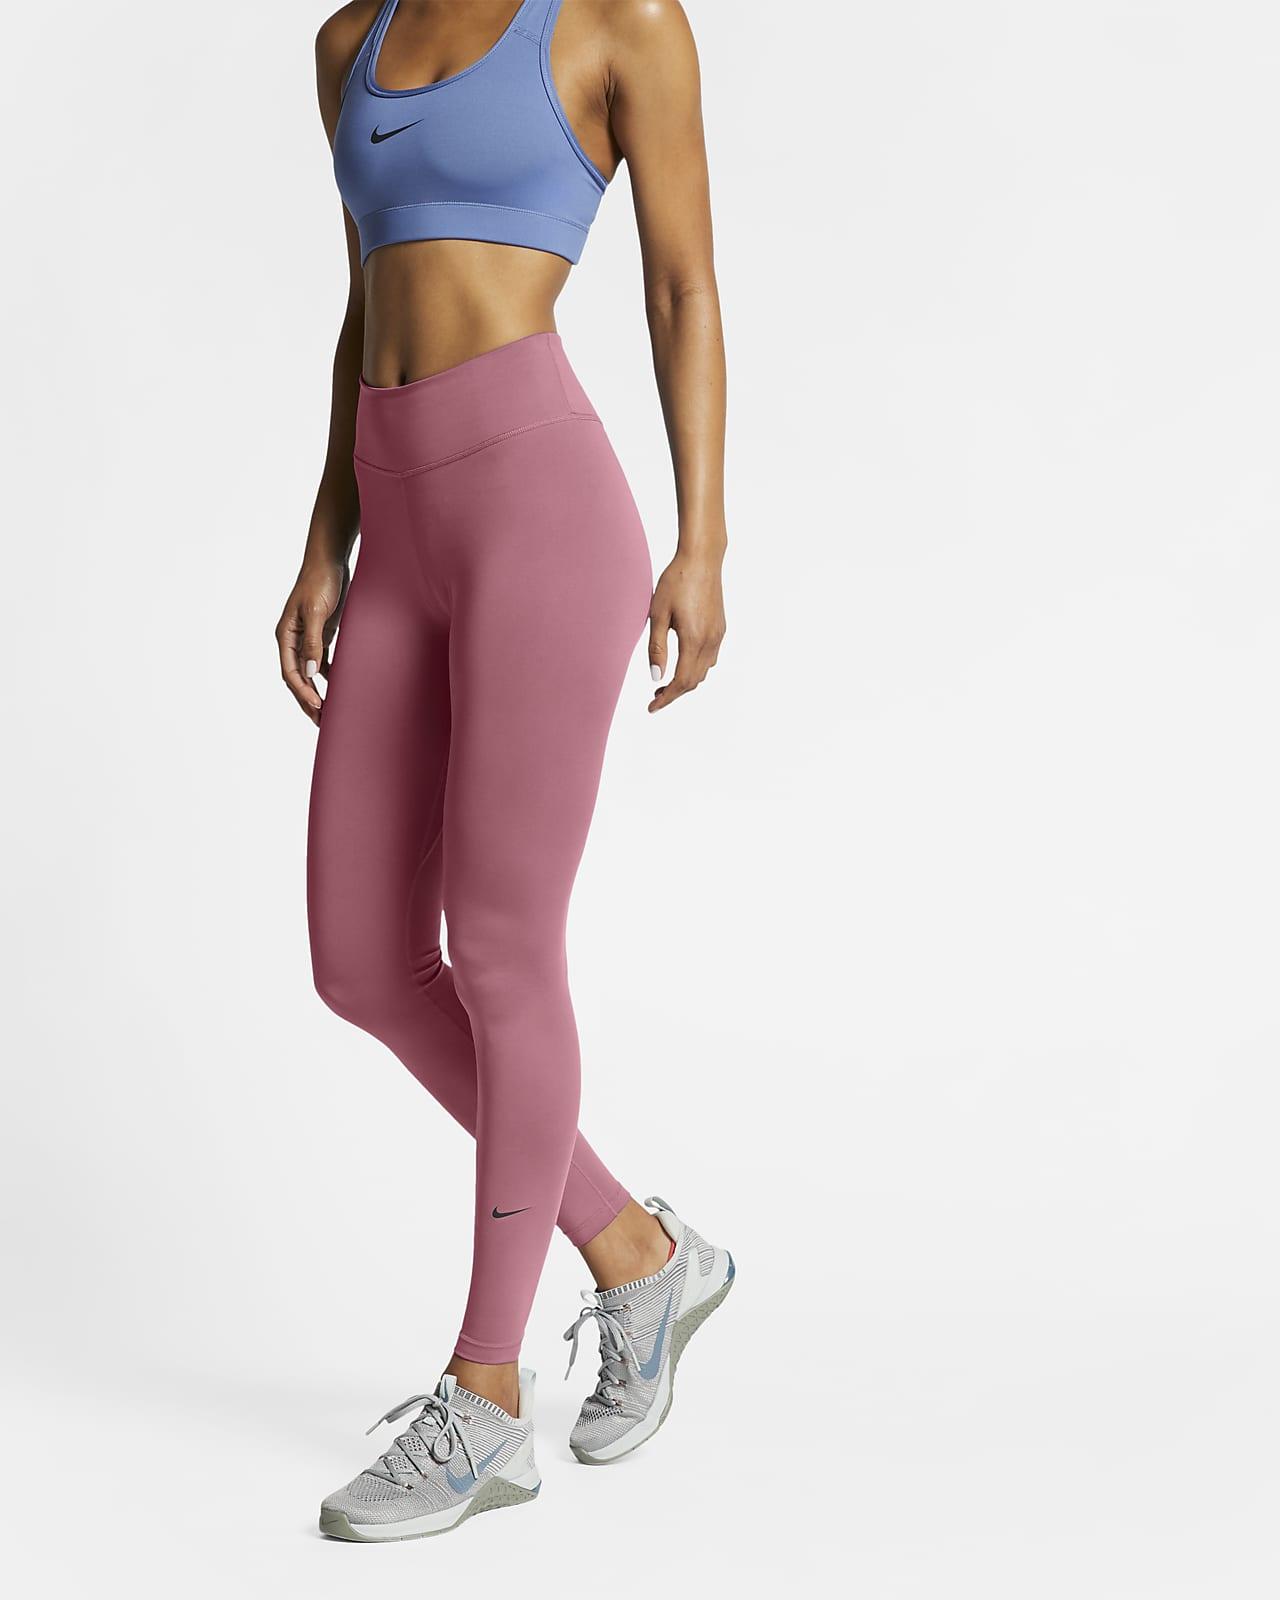 Nike One Legging met halfhoge taille voor dames